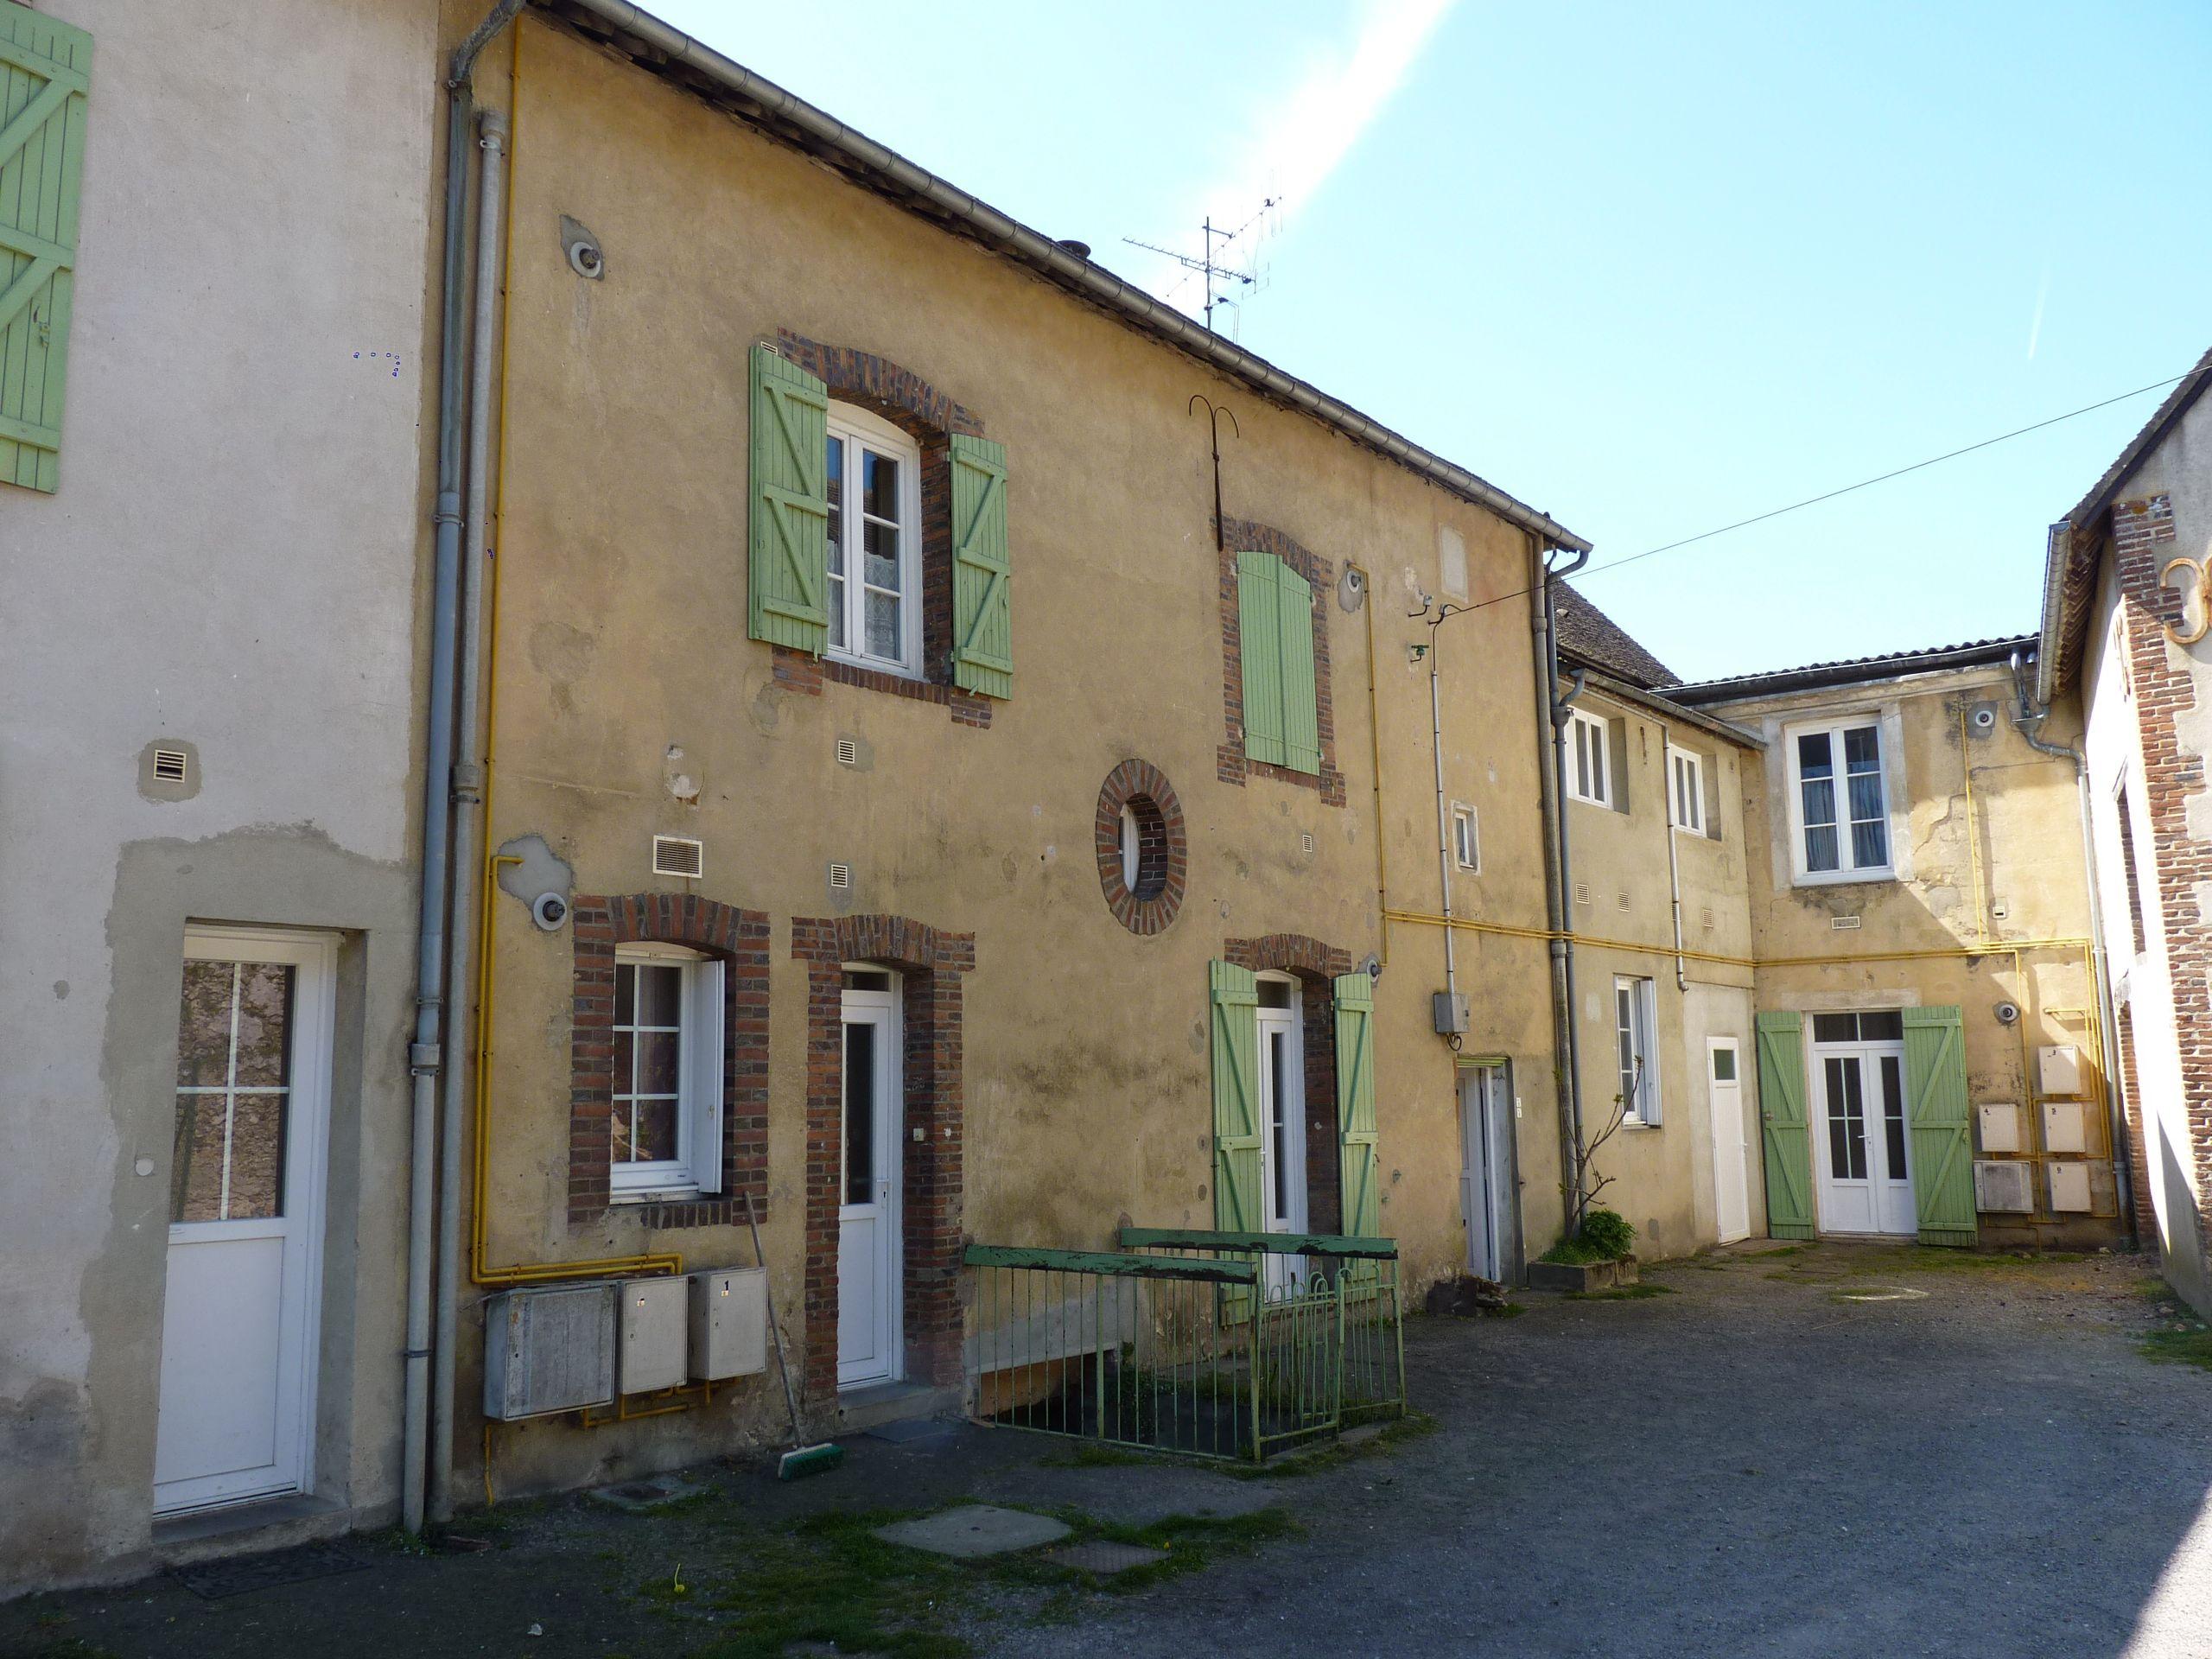 Logement longny au perche locataion appartement t1 33 for Entretien exterieur locataire